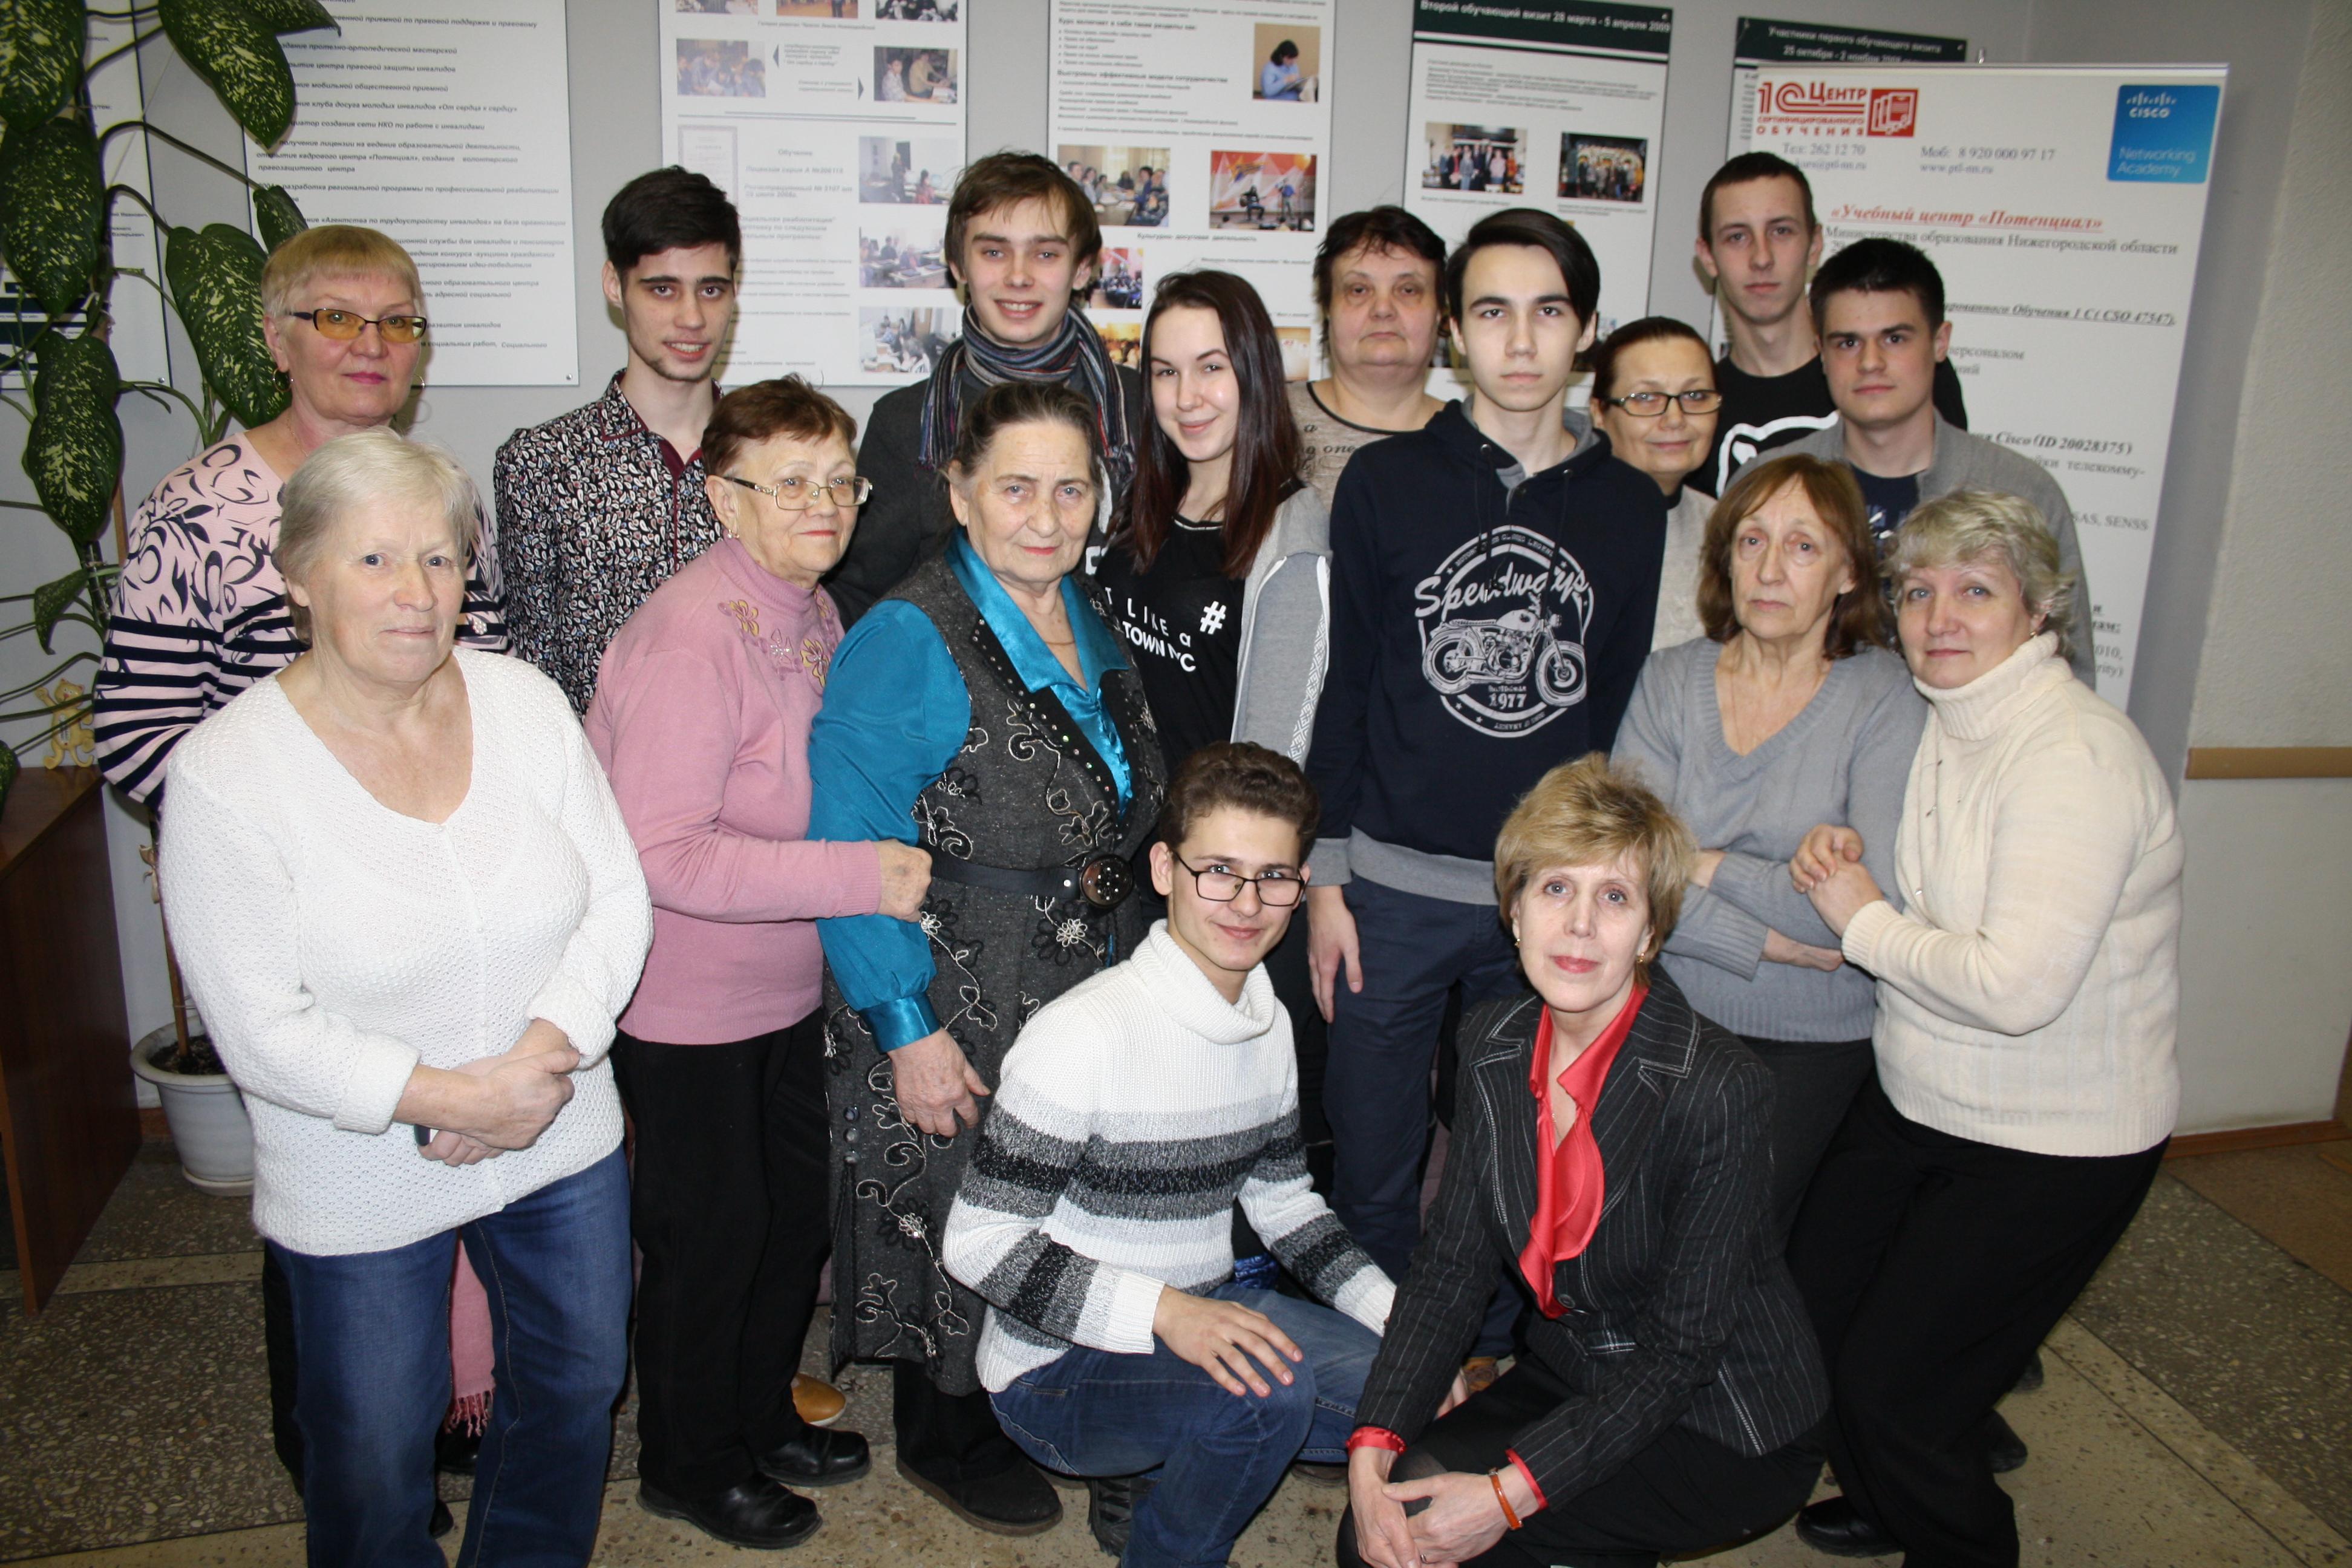 встреча руководителя НРООИ «Социальная реабилитация» со студентами Нижегородского автомеханического техникума